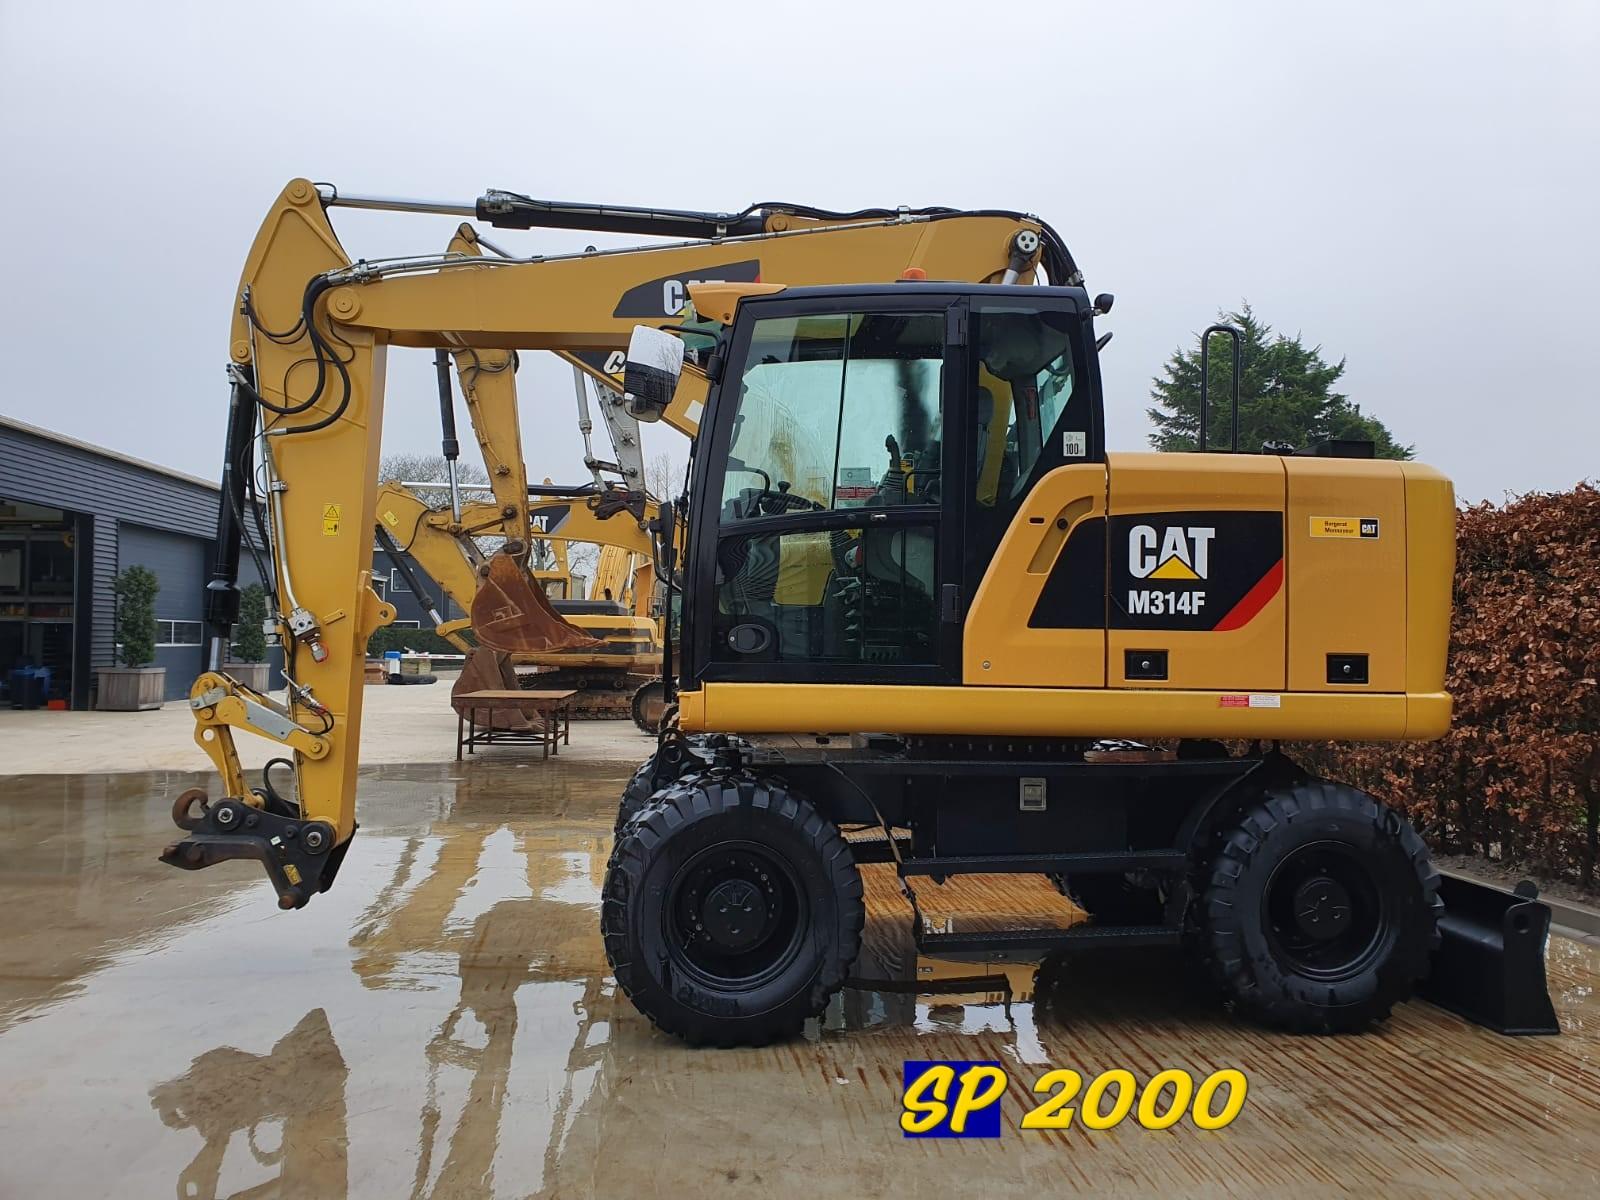 Caterpillar M314F Wheel excavator